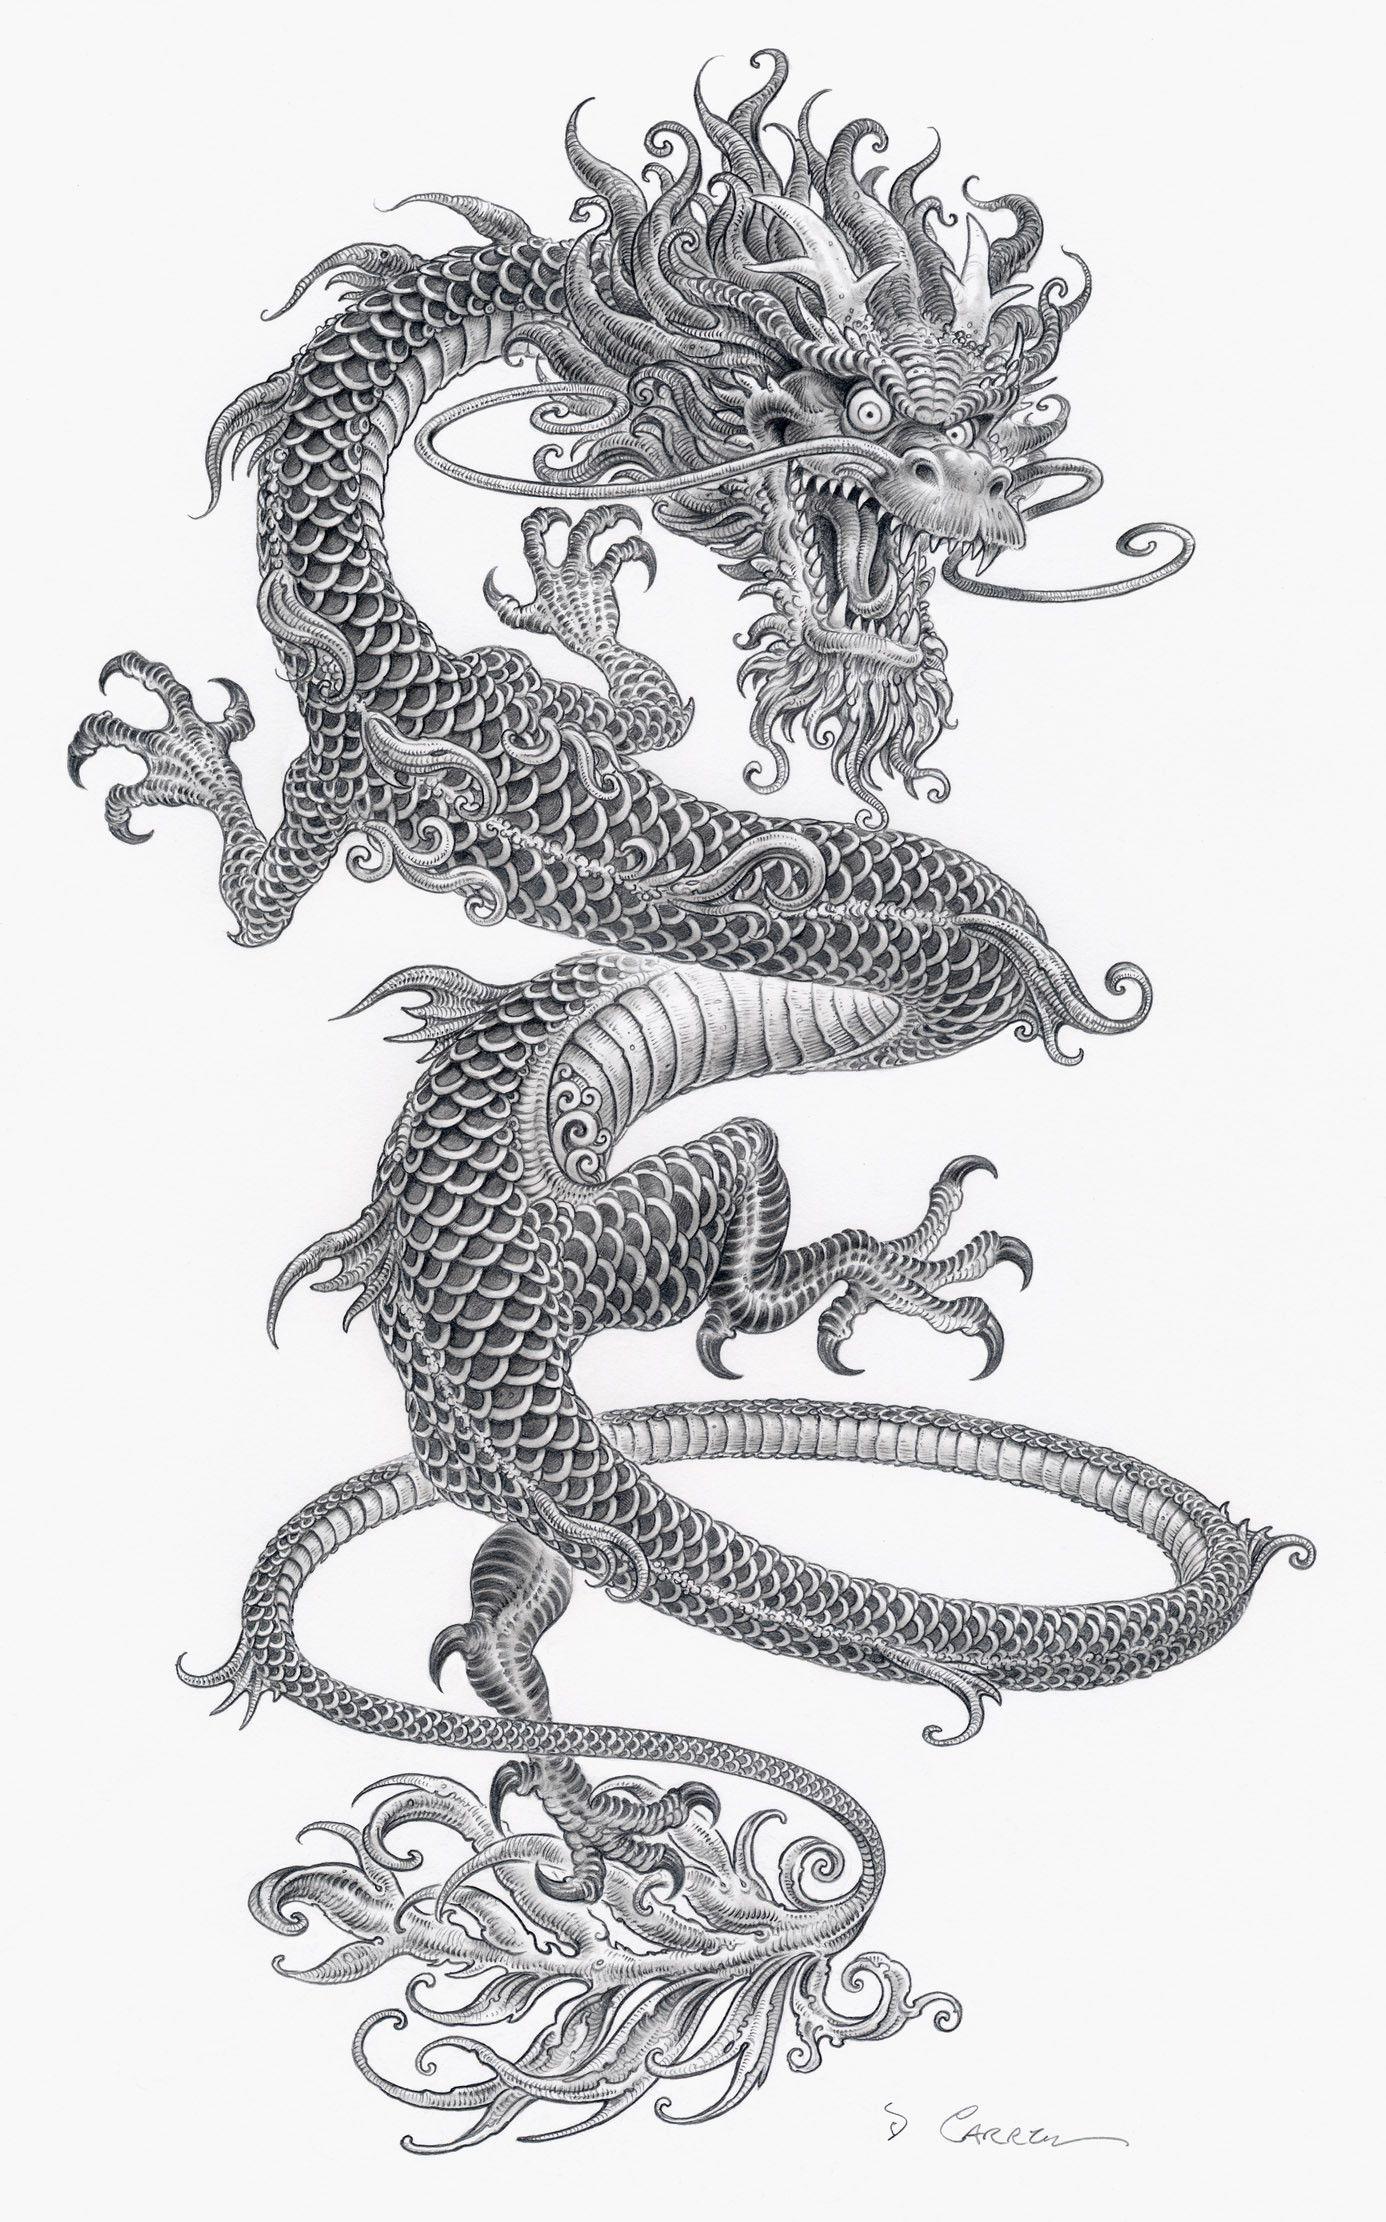 Lower back tattoo ideas for men artstation  swirling lung douglas carrel u  pinteresu